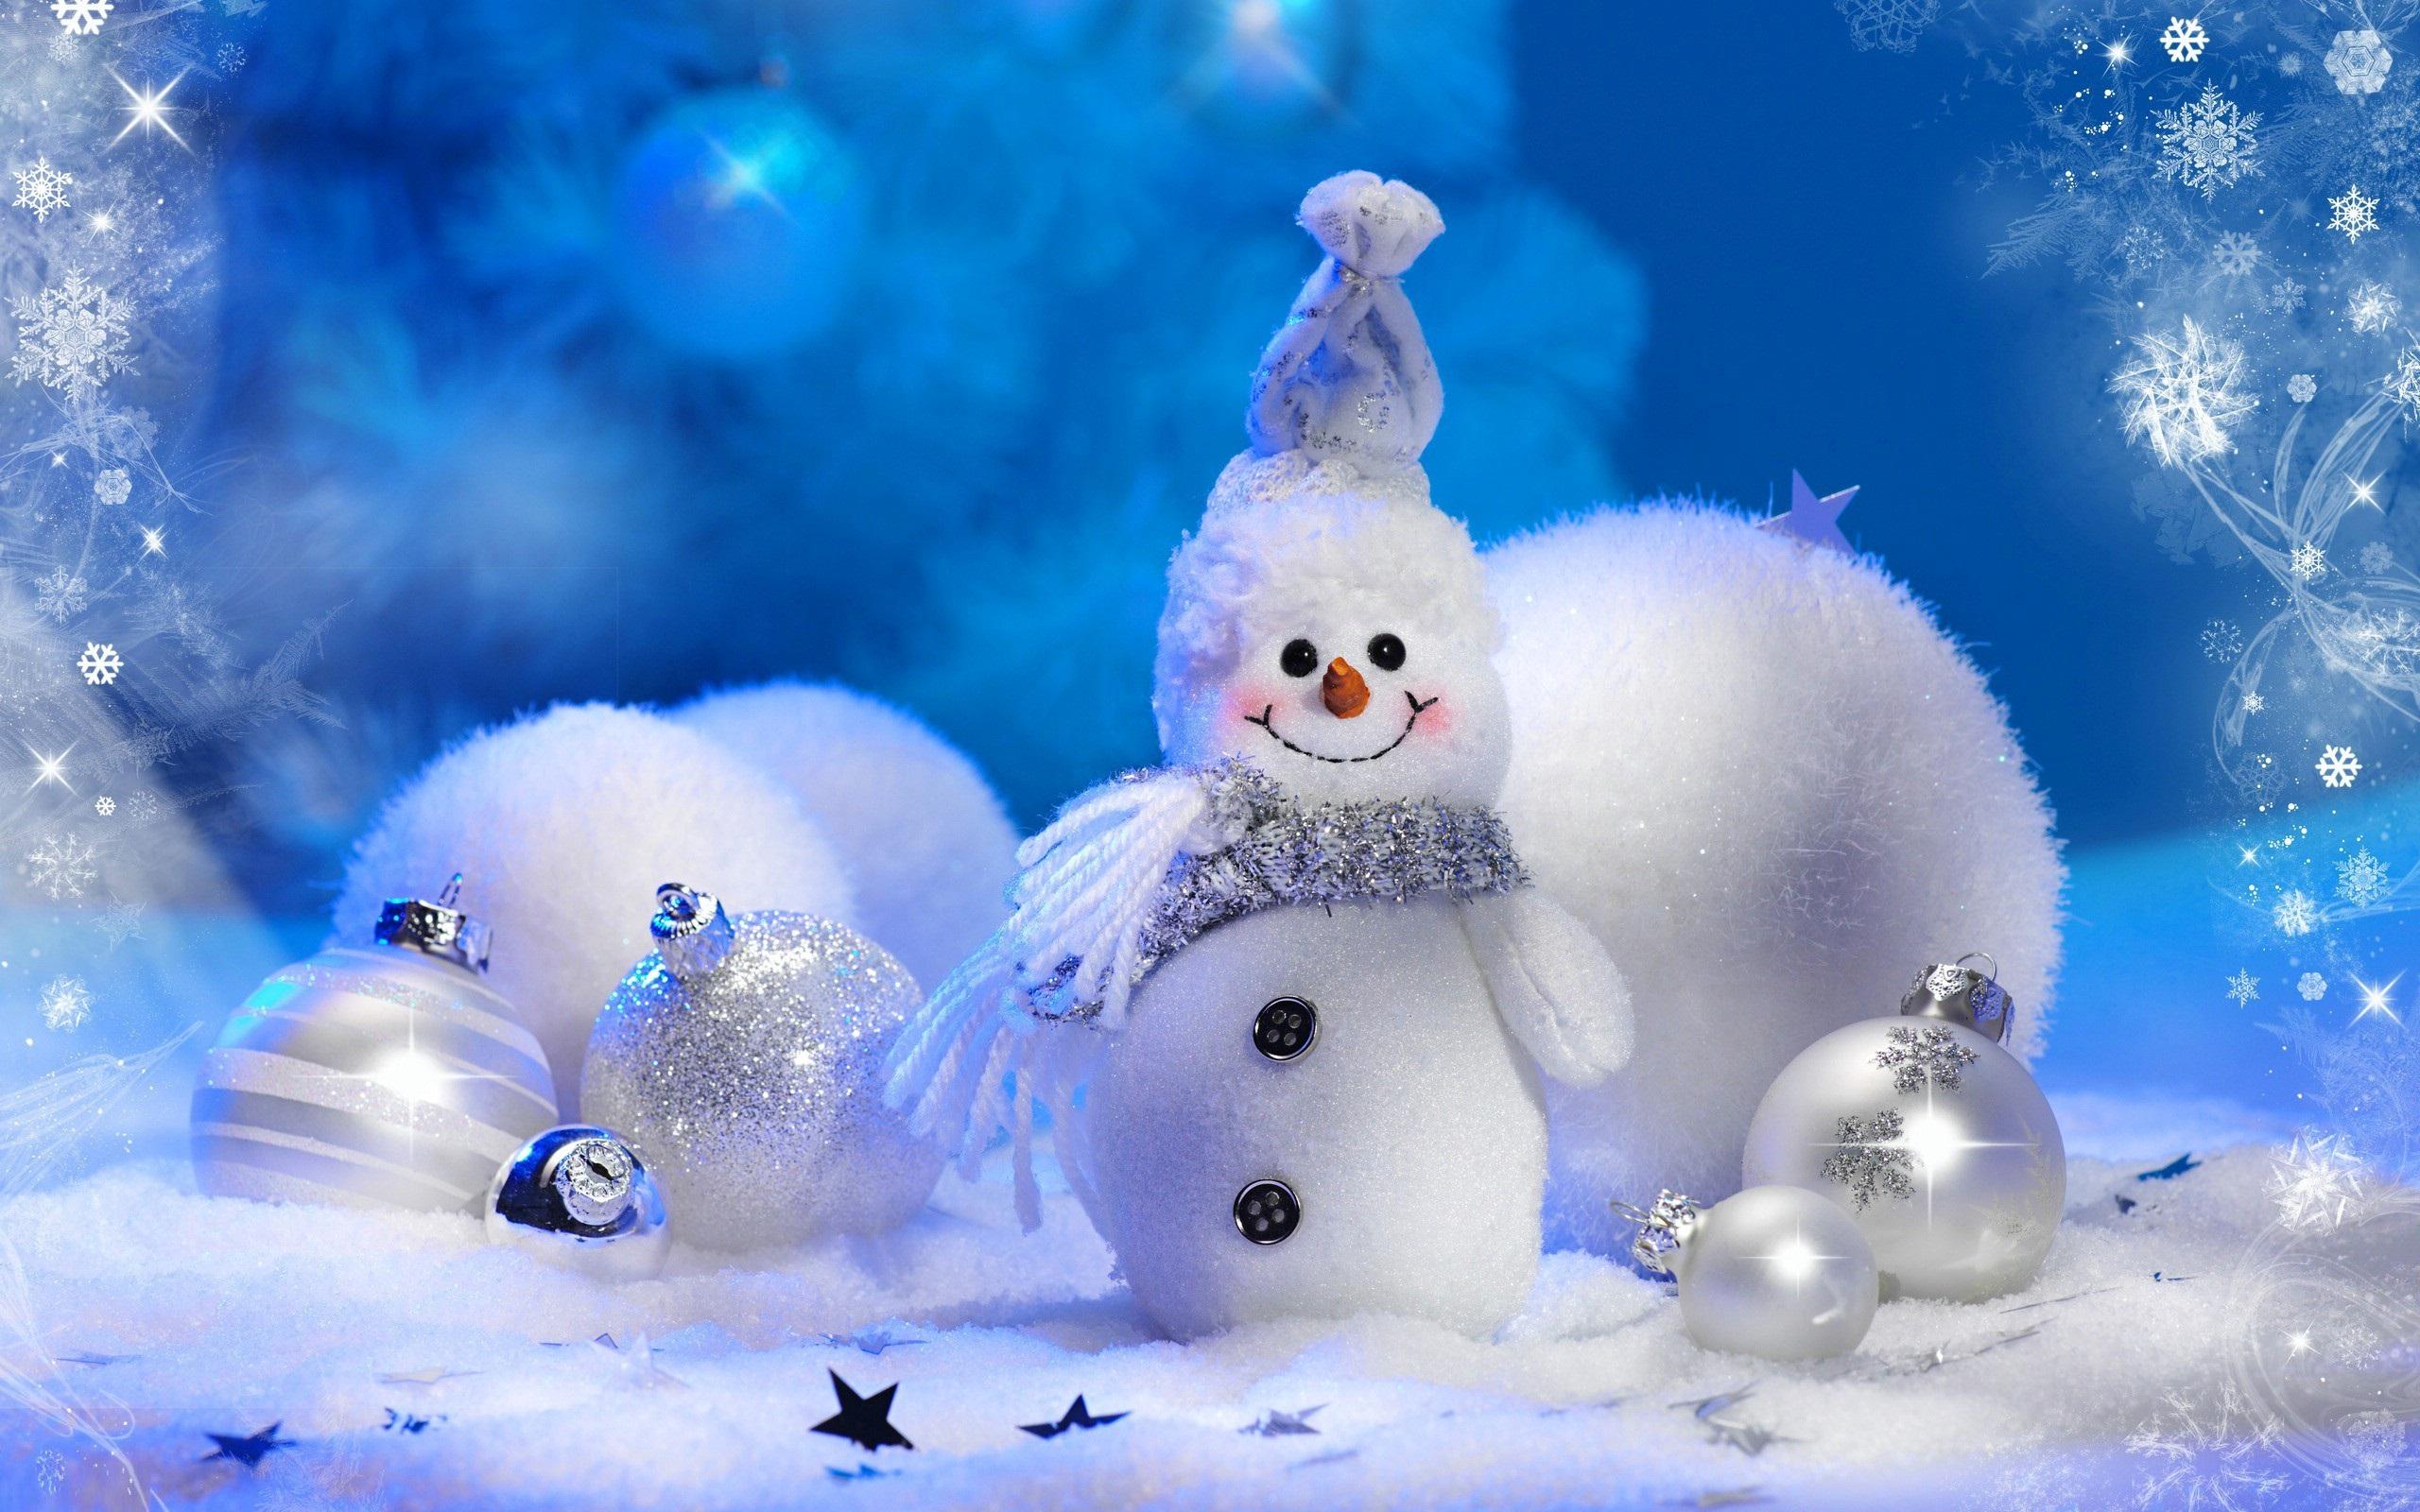 christmas 3d wallpaper wallpaper desktop backgrounds photos 2560x1600